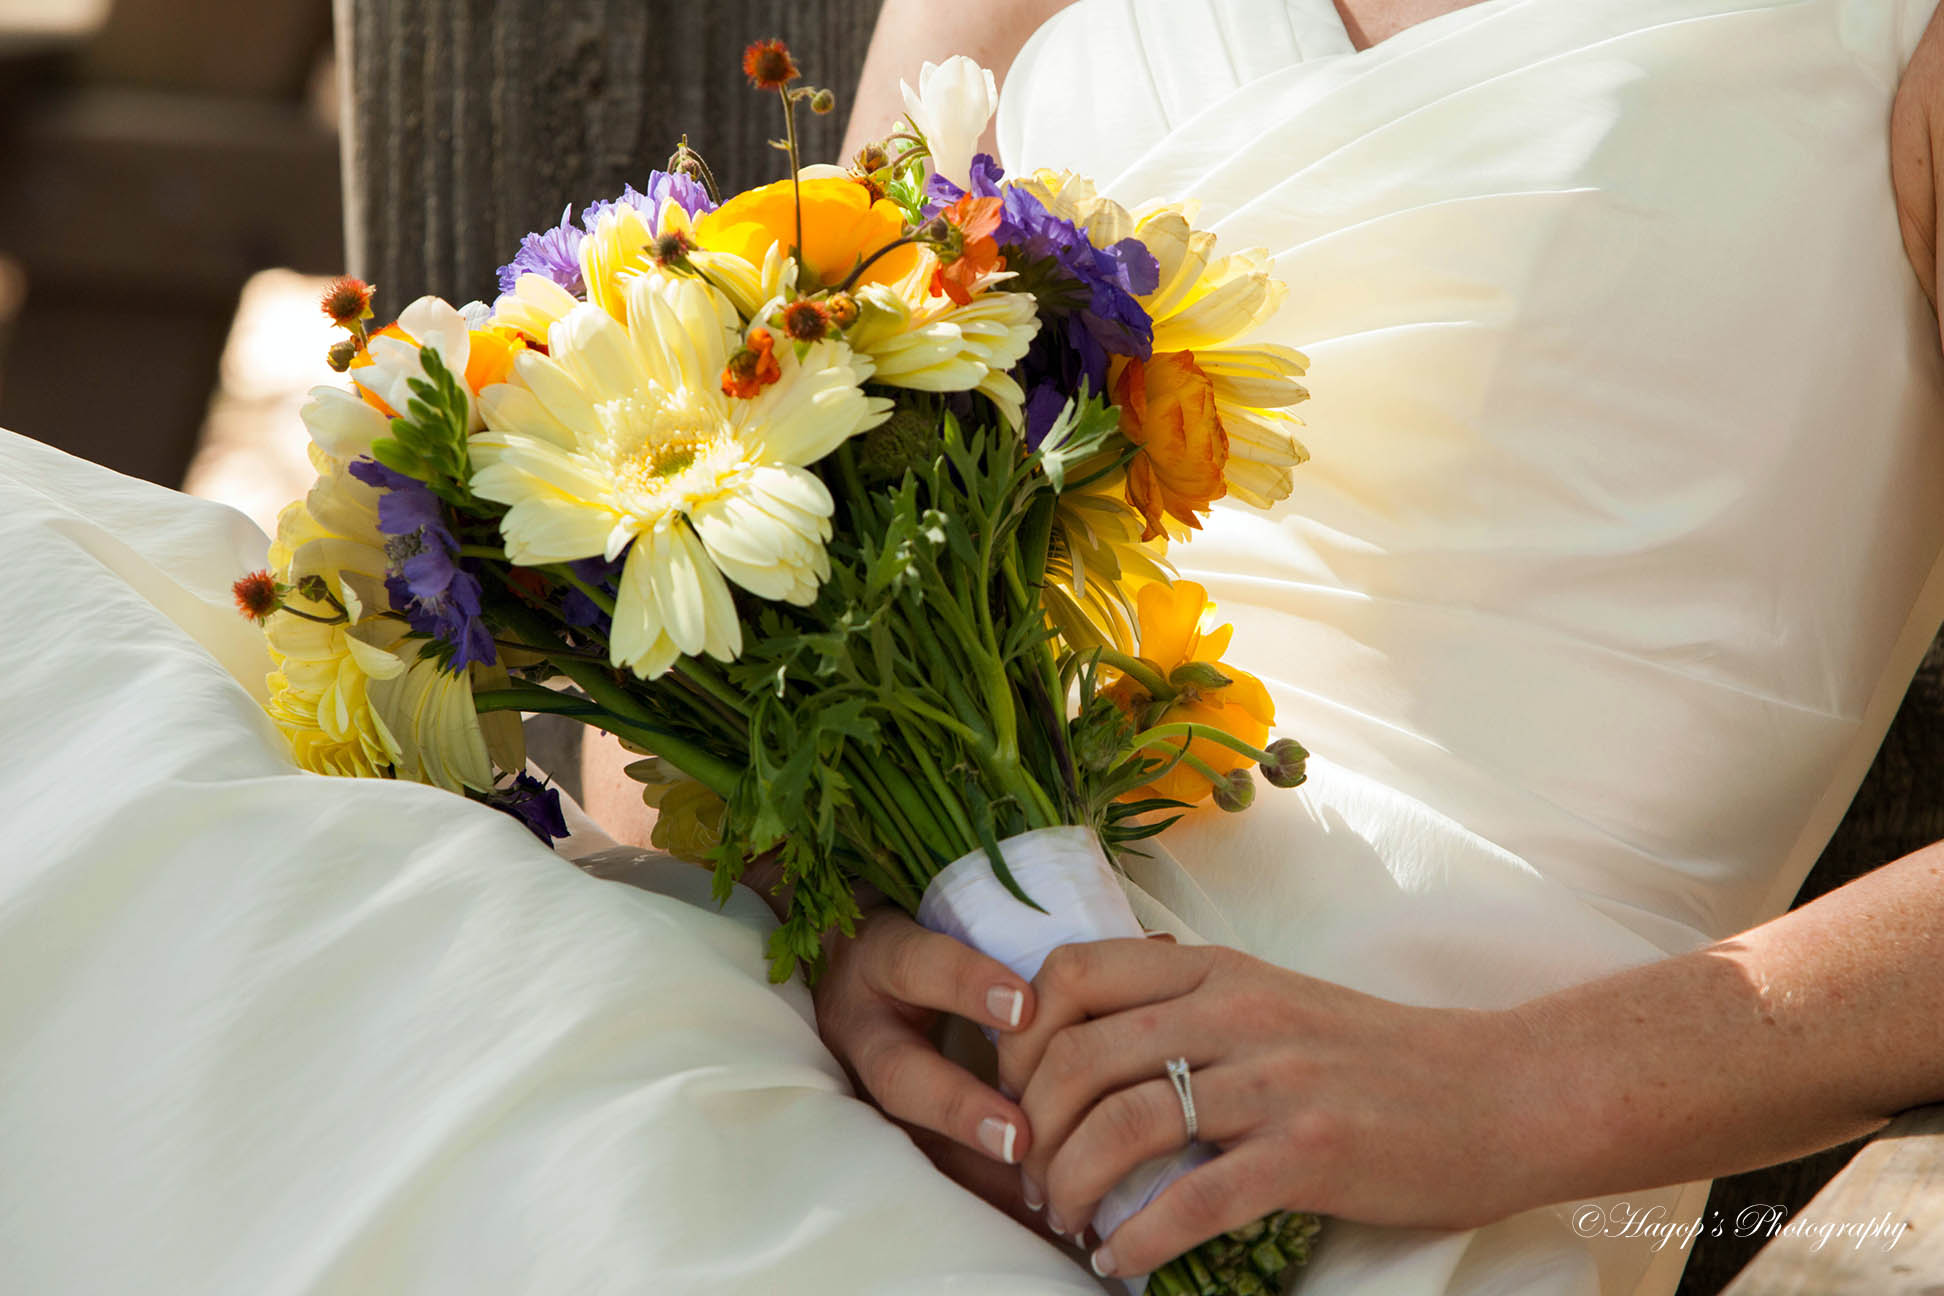 birde's bouquet